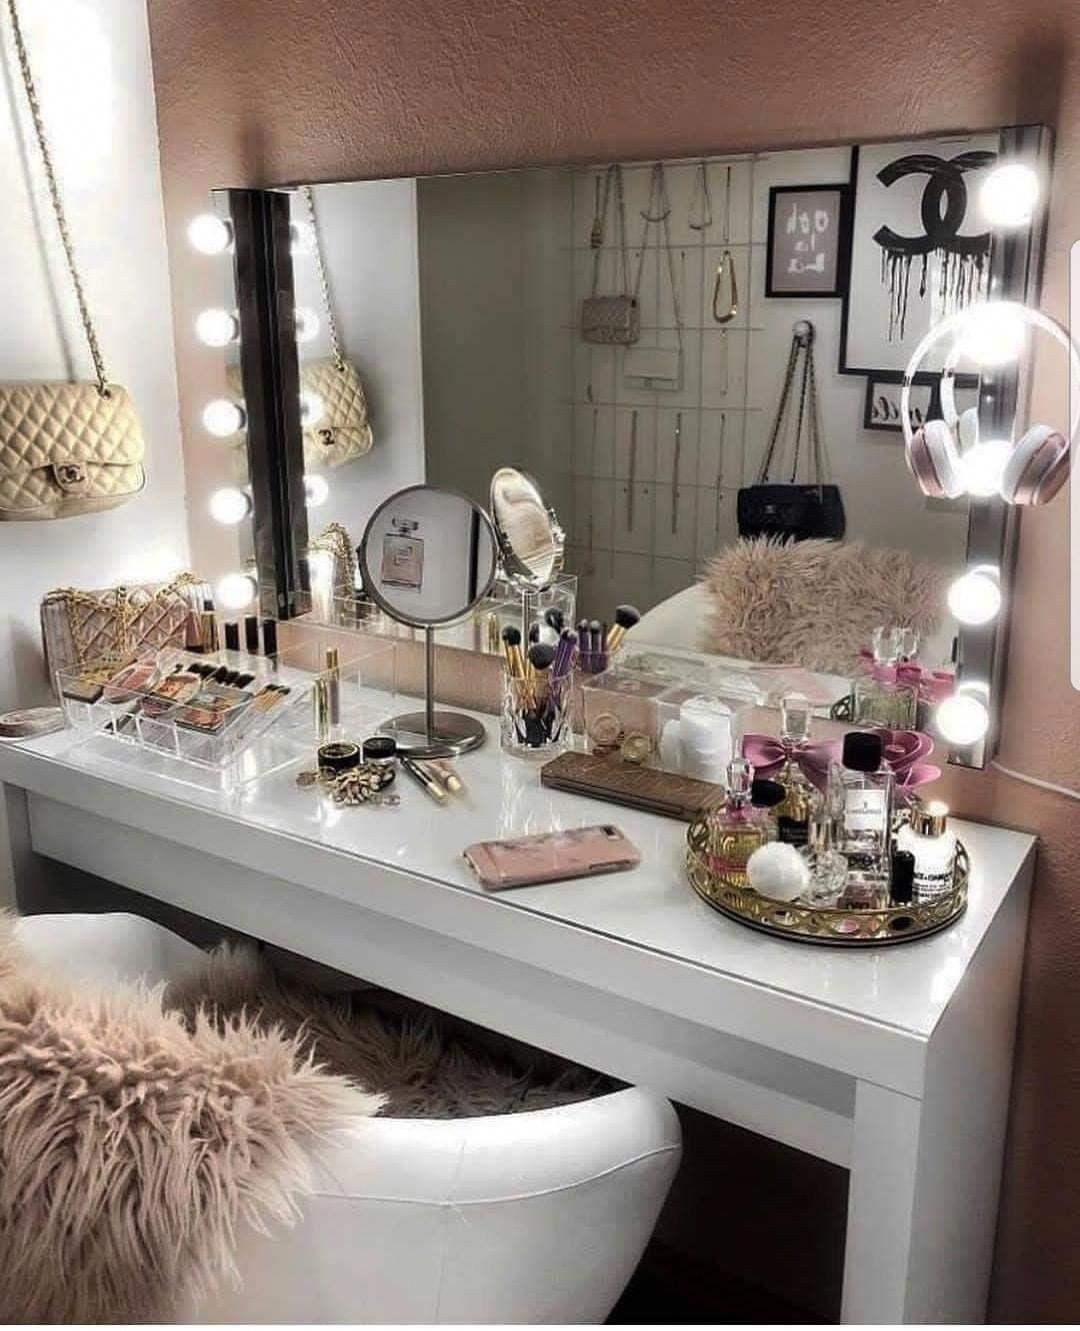 Luxurybeddingsetsqueen Post 2616266868 Beautifulbedroomideas